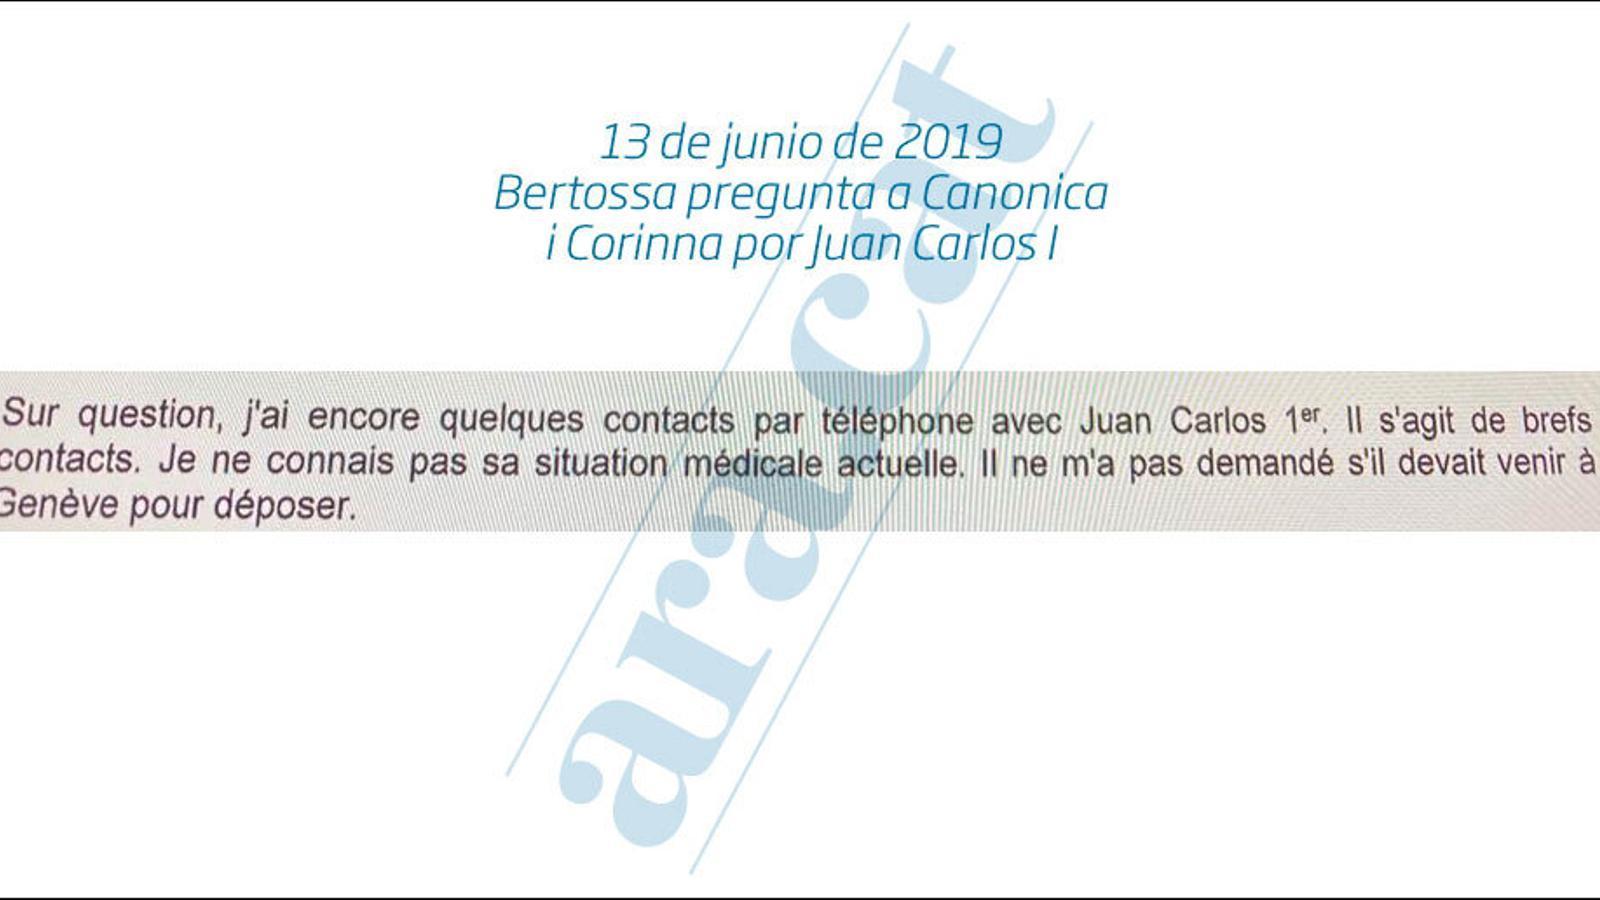 Bertossa planteó que Juan Carlos I declarase en Suiza y en Madrid